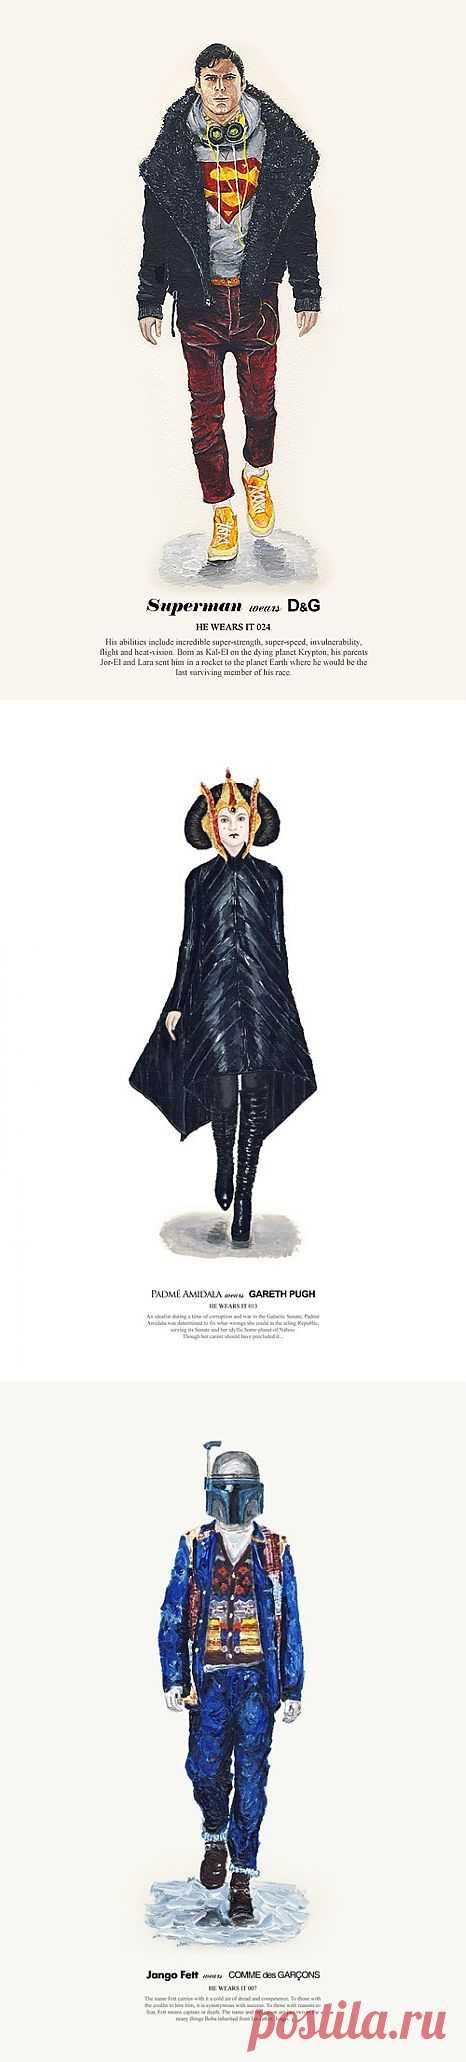 Супергерои атакуе! / Арт-объекты / Модный сайт о стильной переделке одежды и интерьера